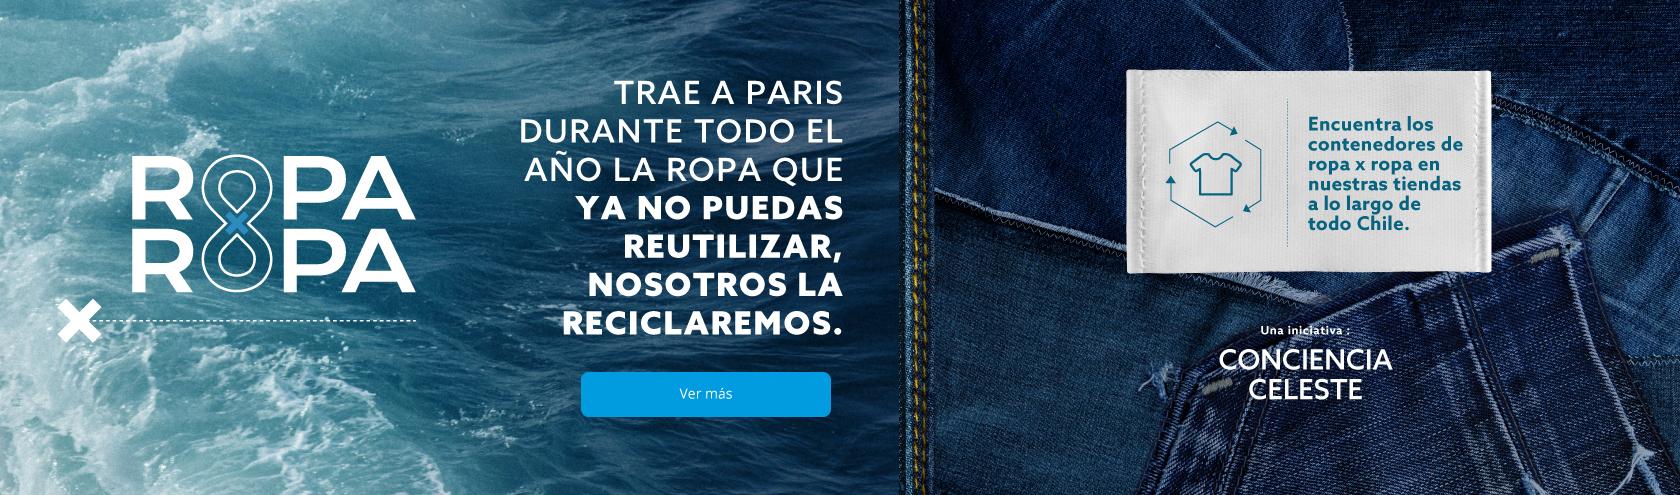 RopaxRopa Paris